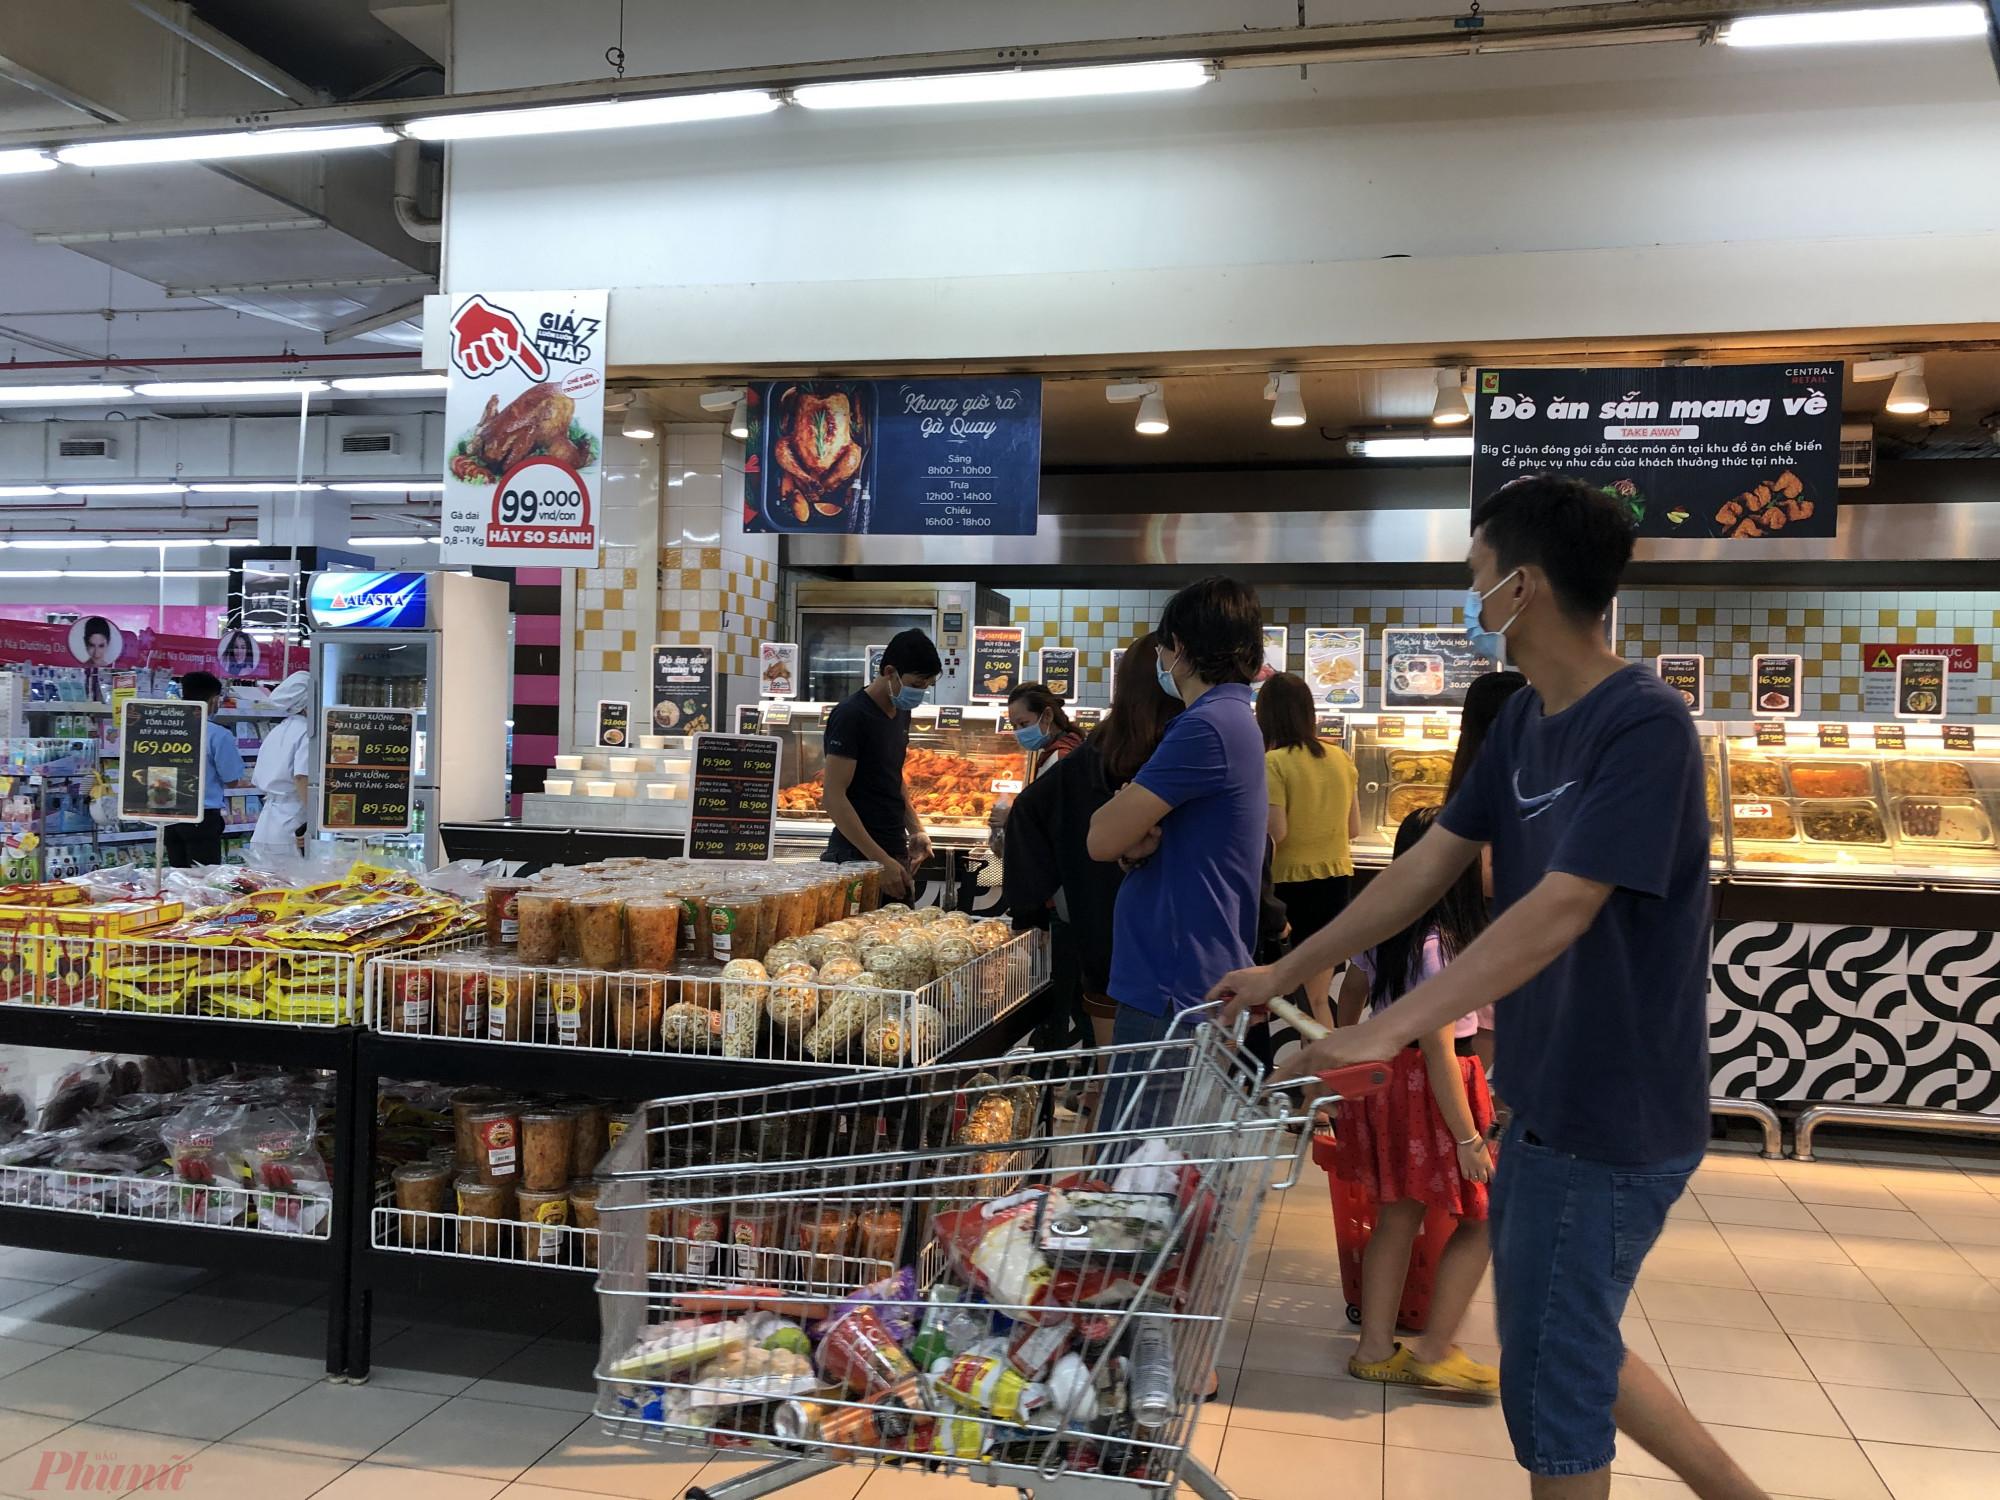 Thực phẩm trong các xe đẩy của khách nhiều nhất là gạo, mì gói, sữa, các thực phẩm tươi sống khác.